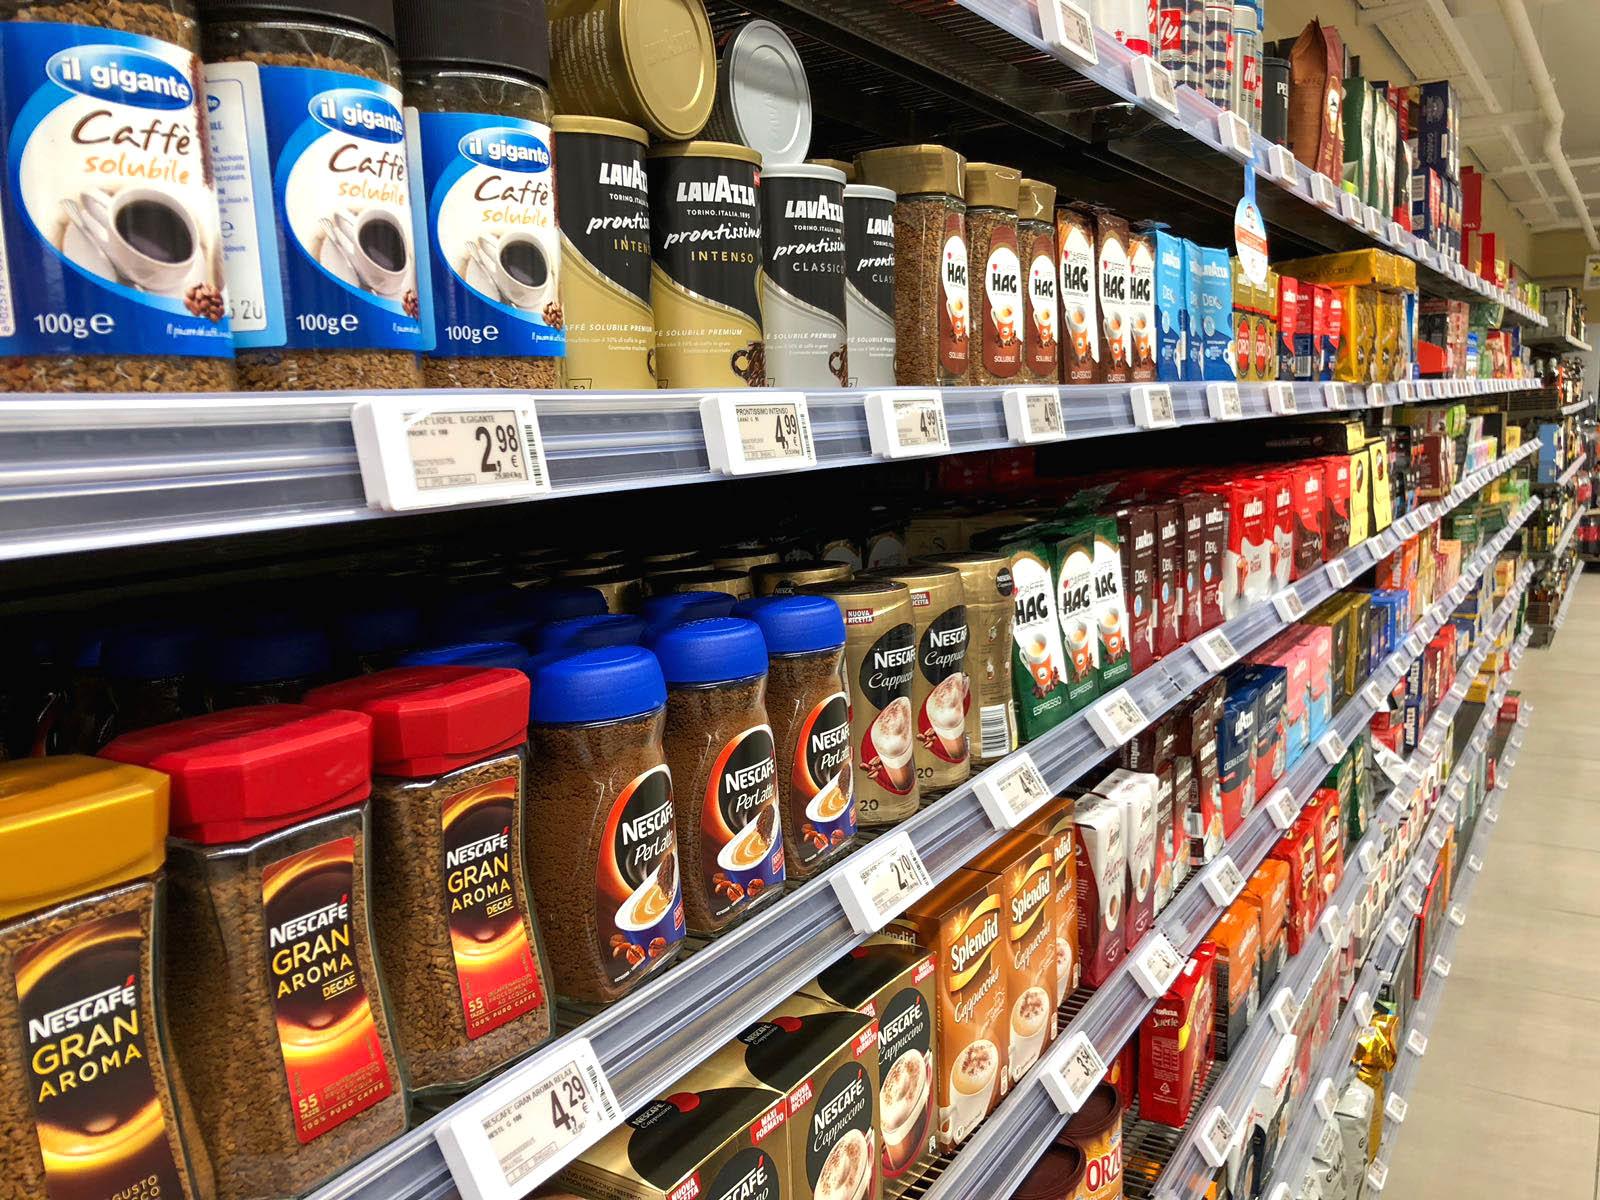 Foto Scaffali Supermercati.Etichette Elettroniche In Due Supermercati Storici Il